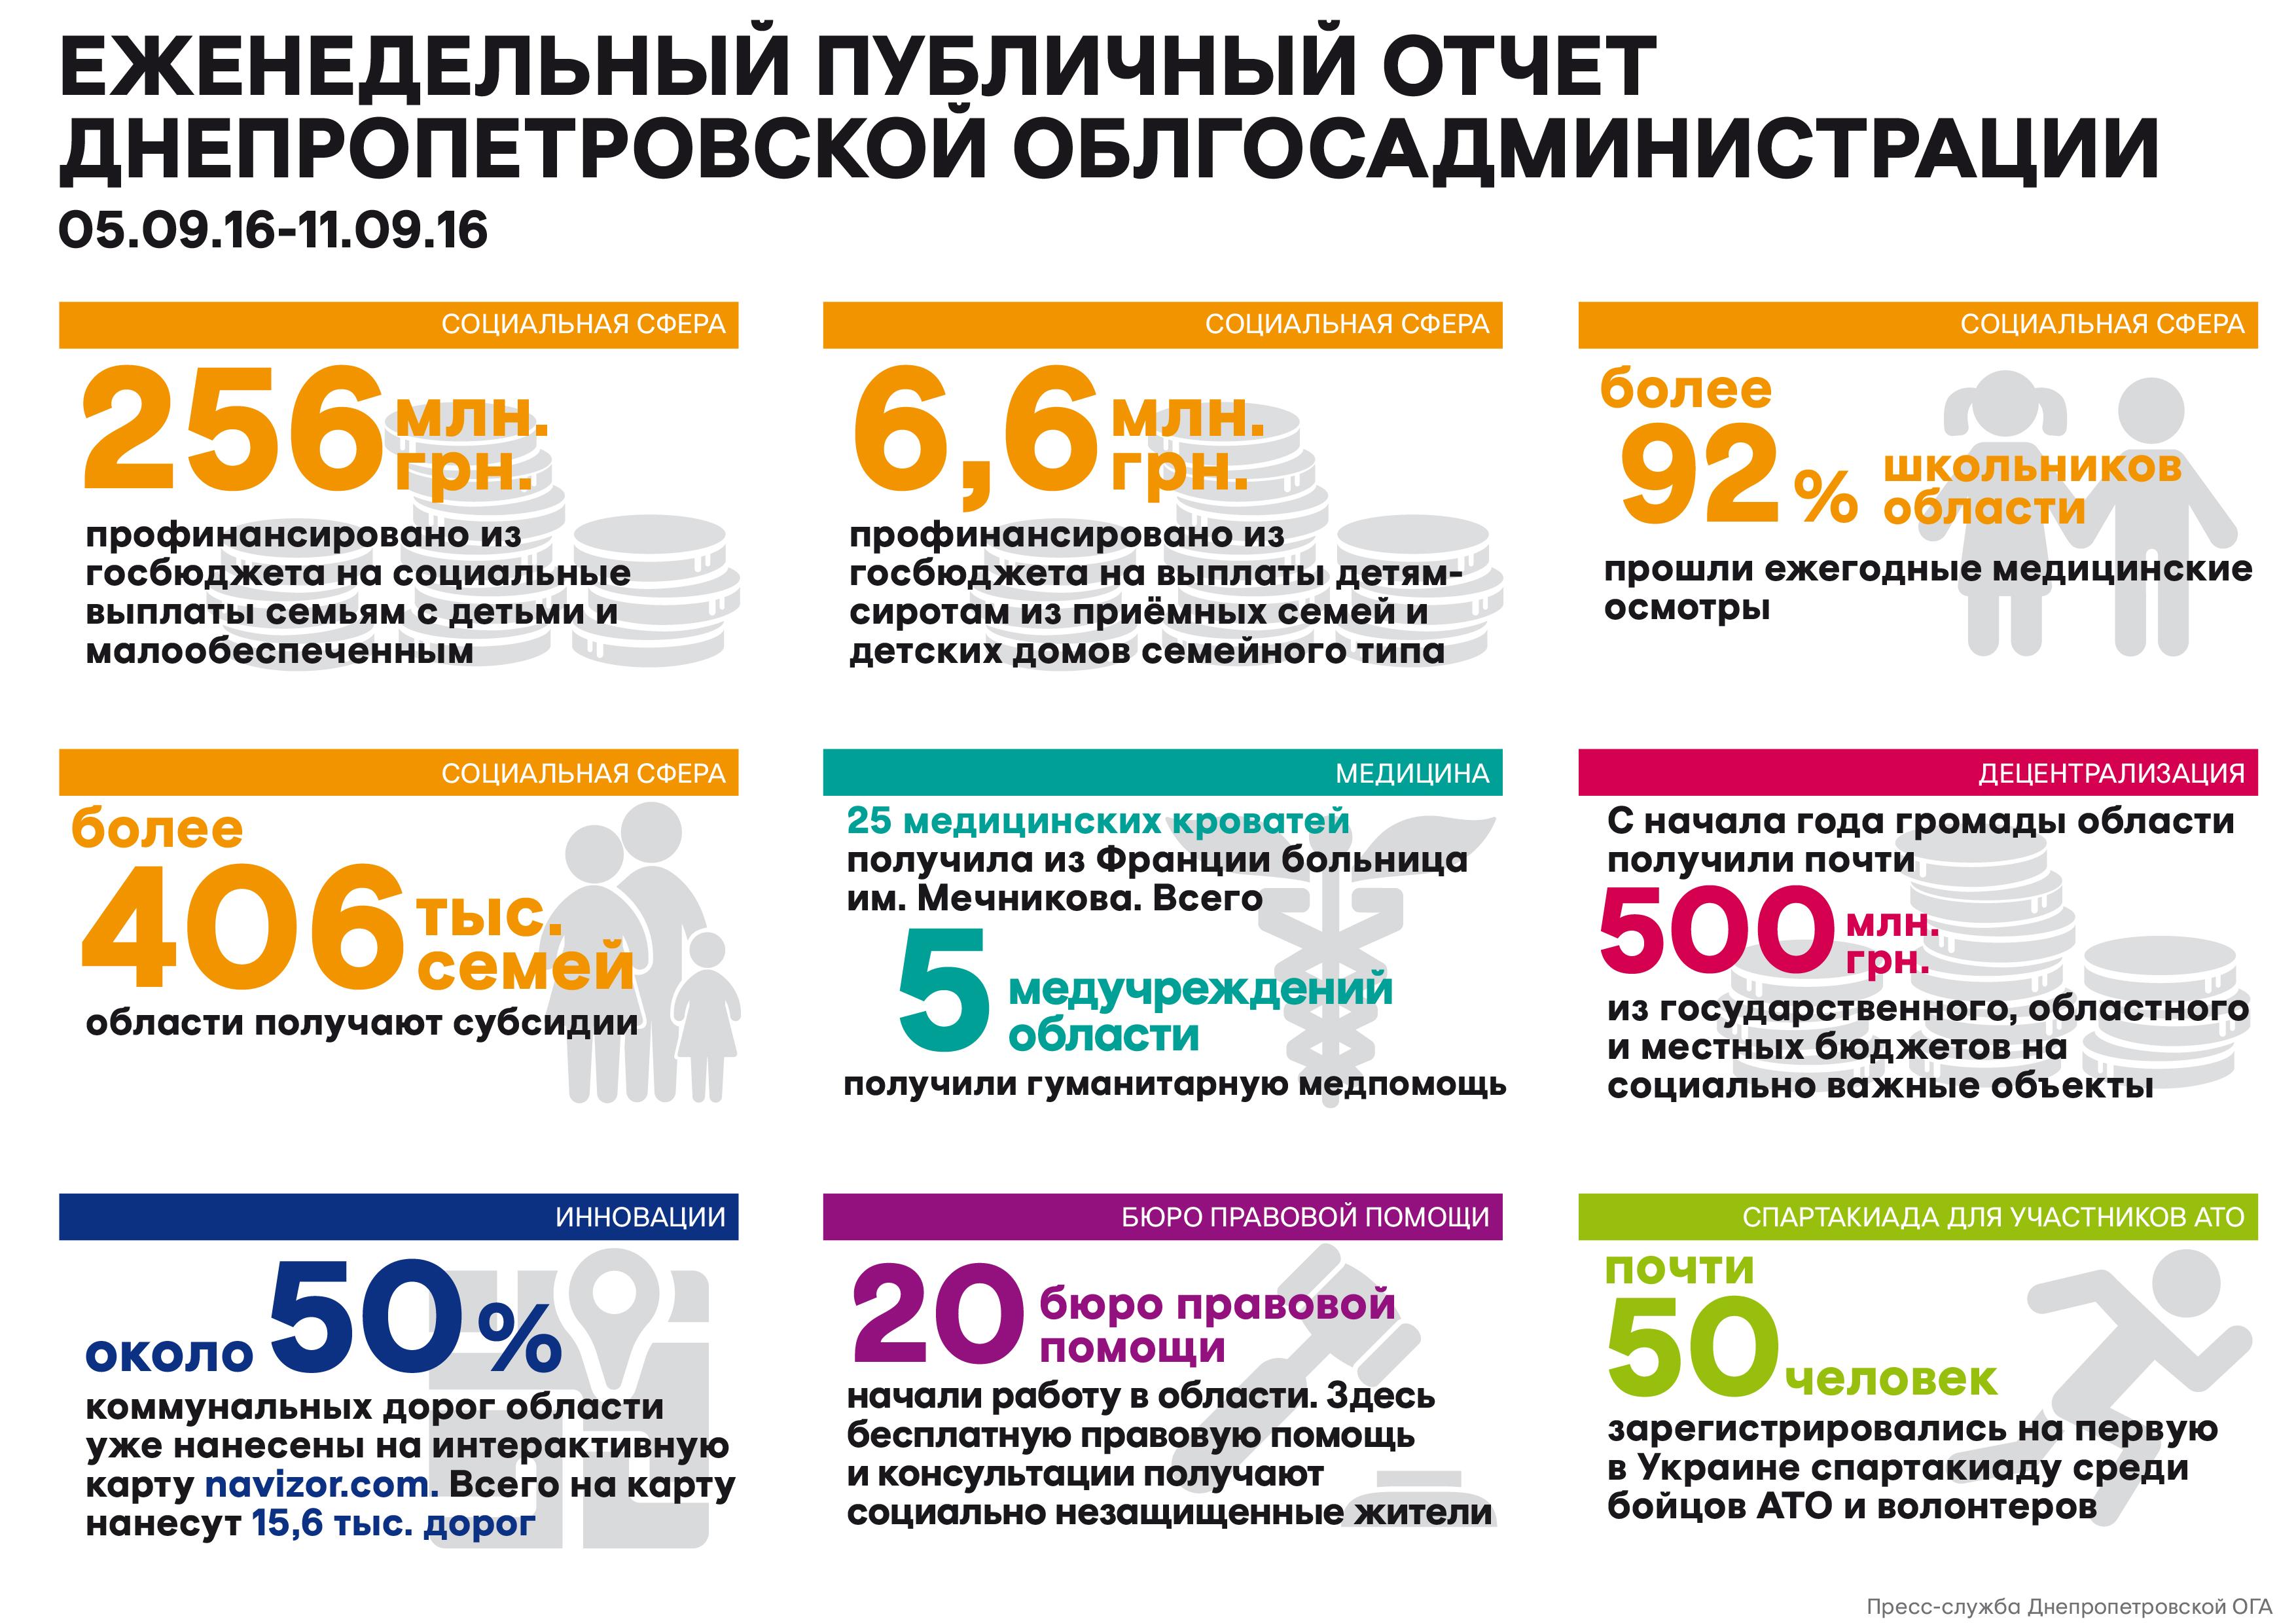 Недельный_отчет_12.09.16_рус_01-01